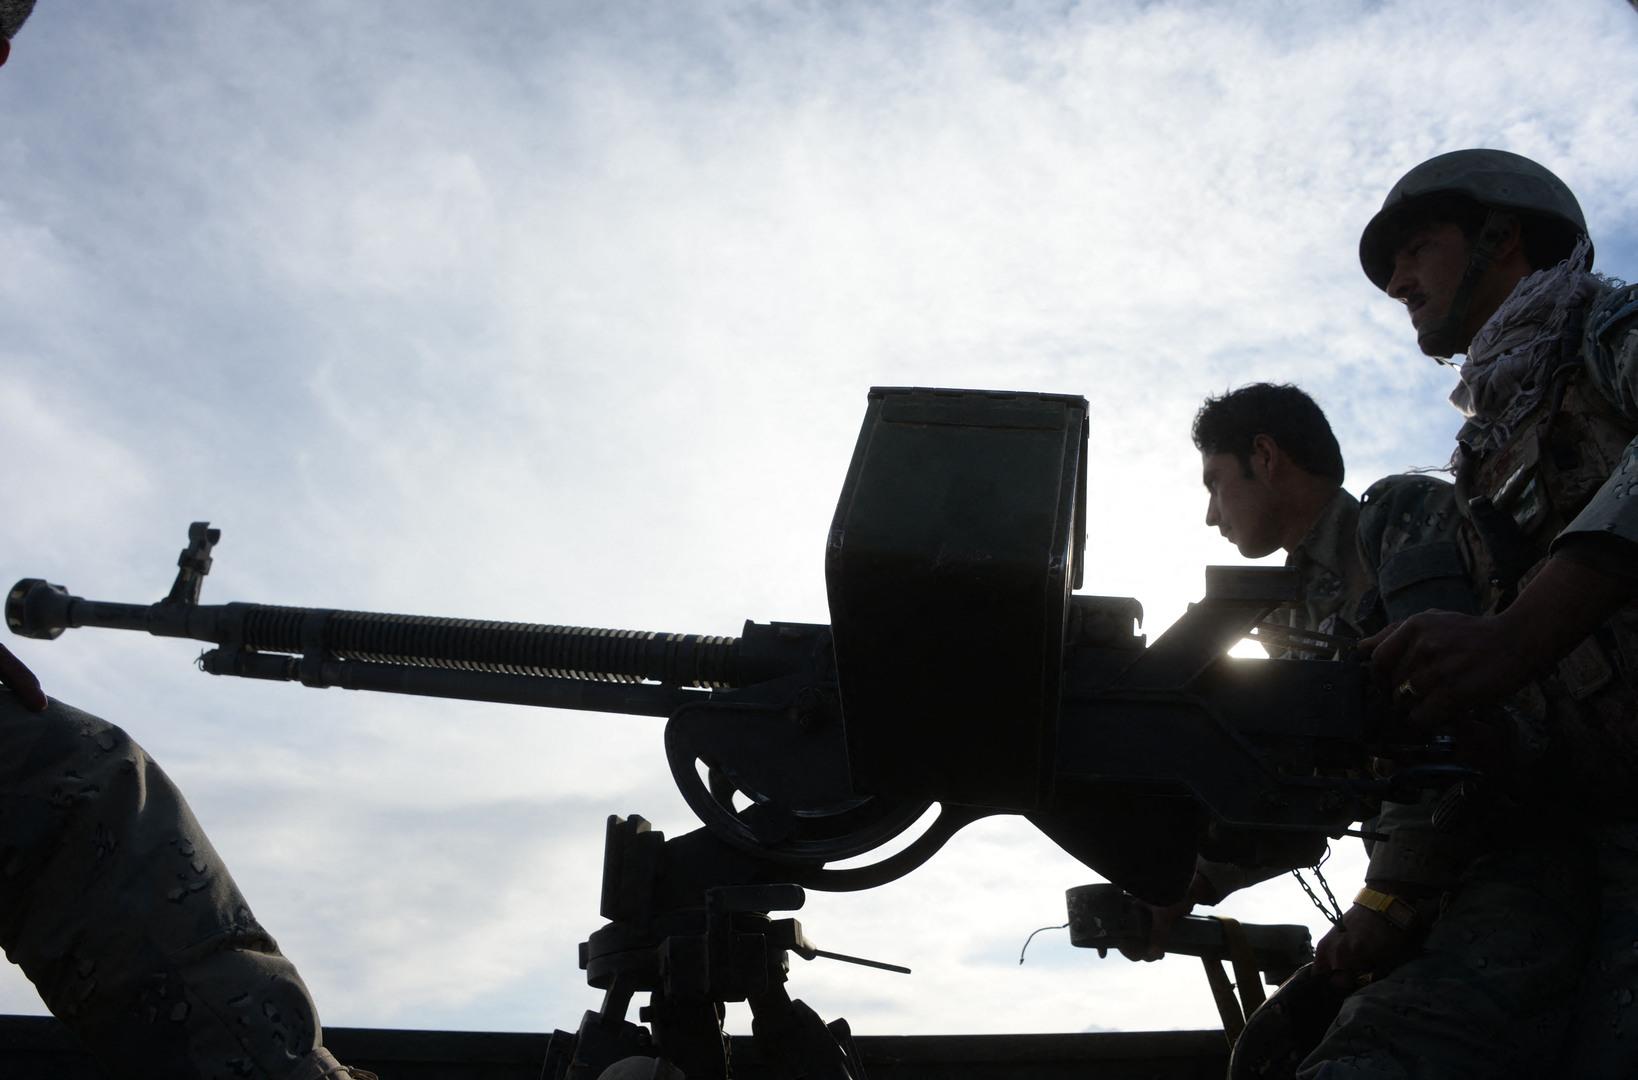 مستشار الرئيس الأفغاني للأمن القومي يدعو